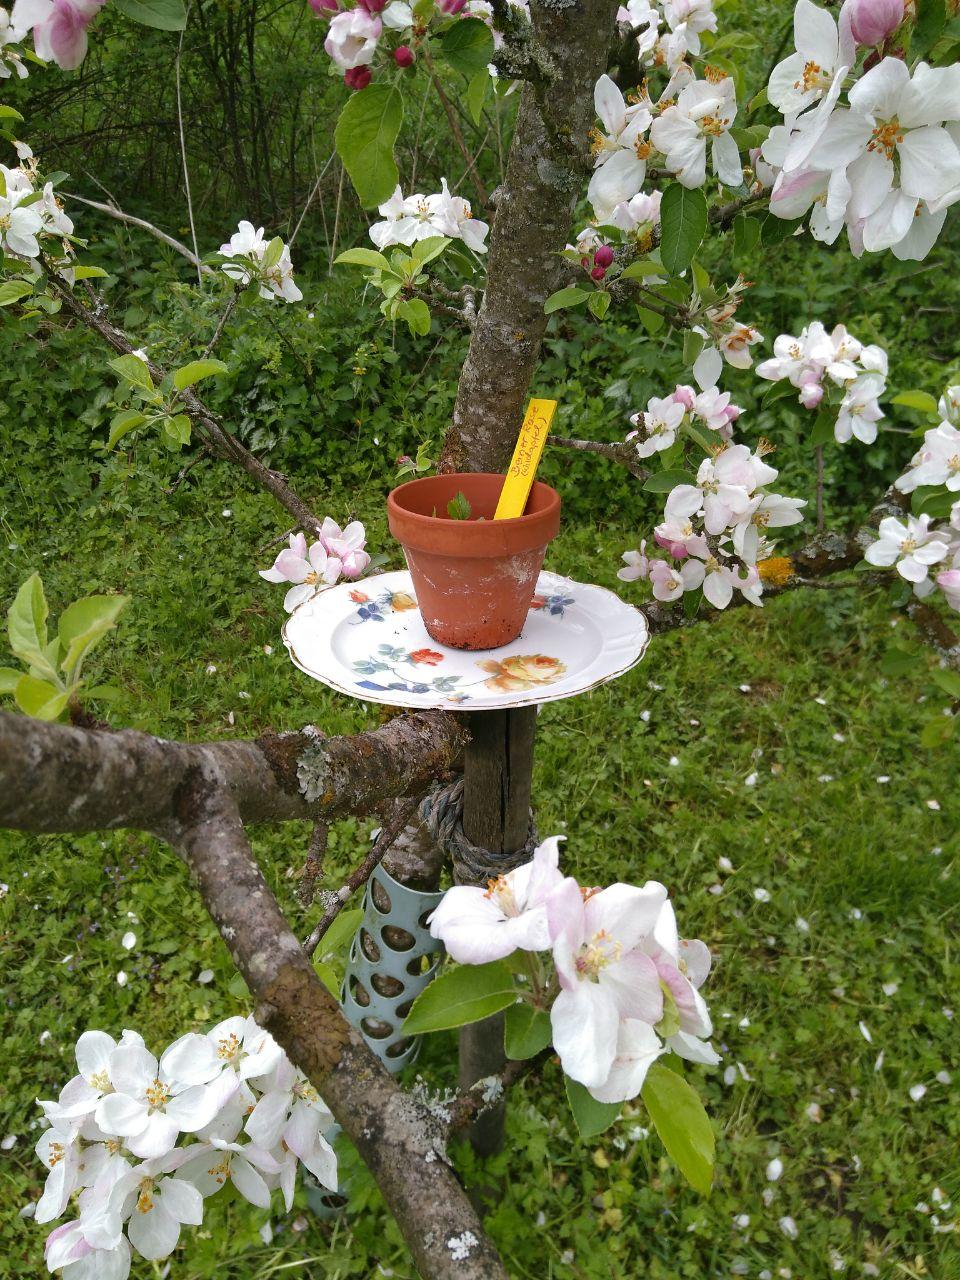 Zurzeit blühen die Apfelbäume im Sihltal - es sieht wunderschön aus! Liebe Grüße aus der Schweiz, Sabine